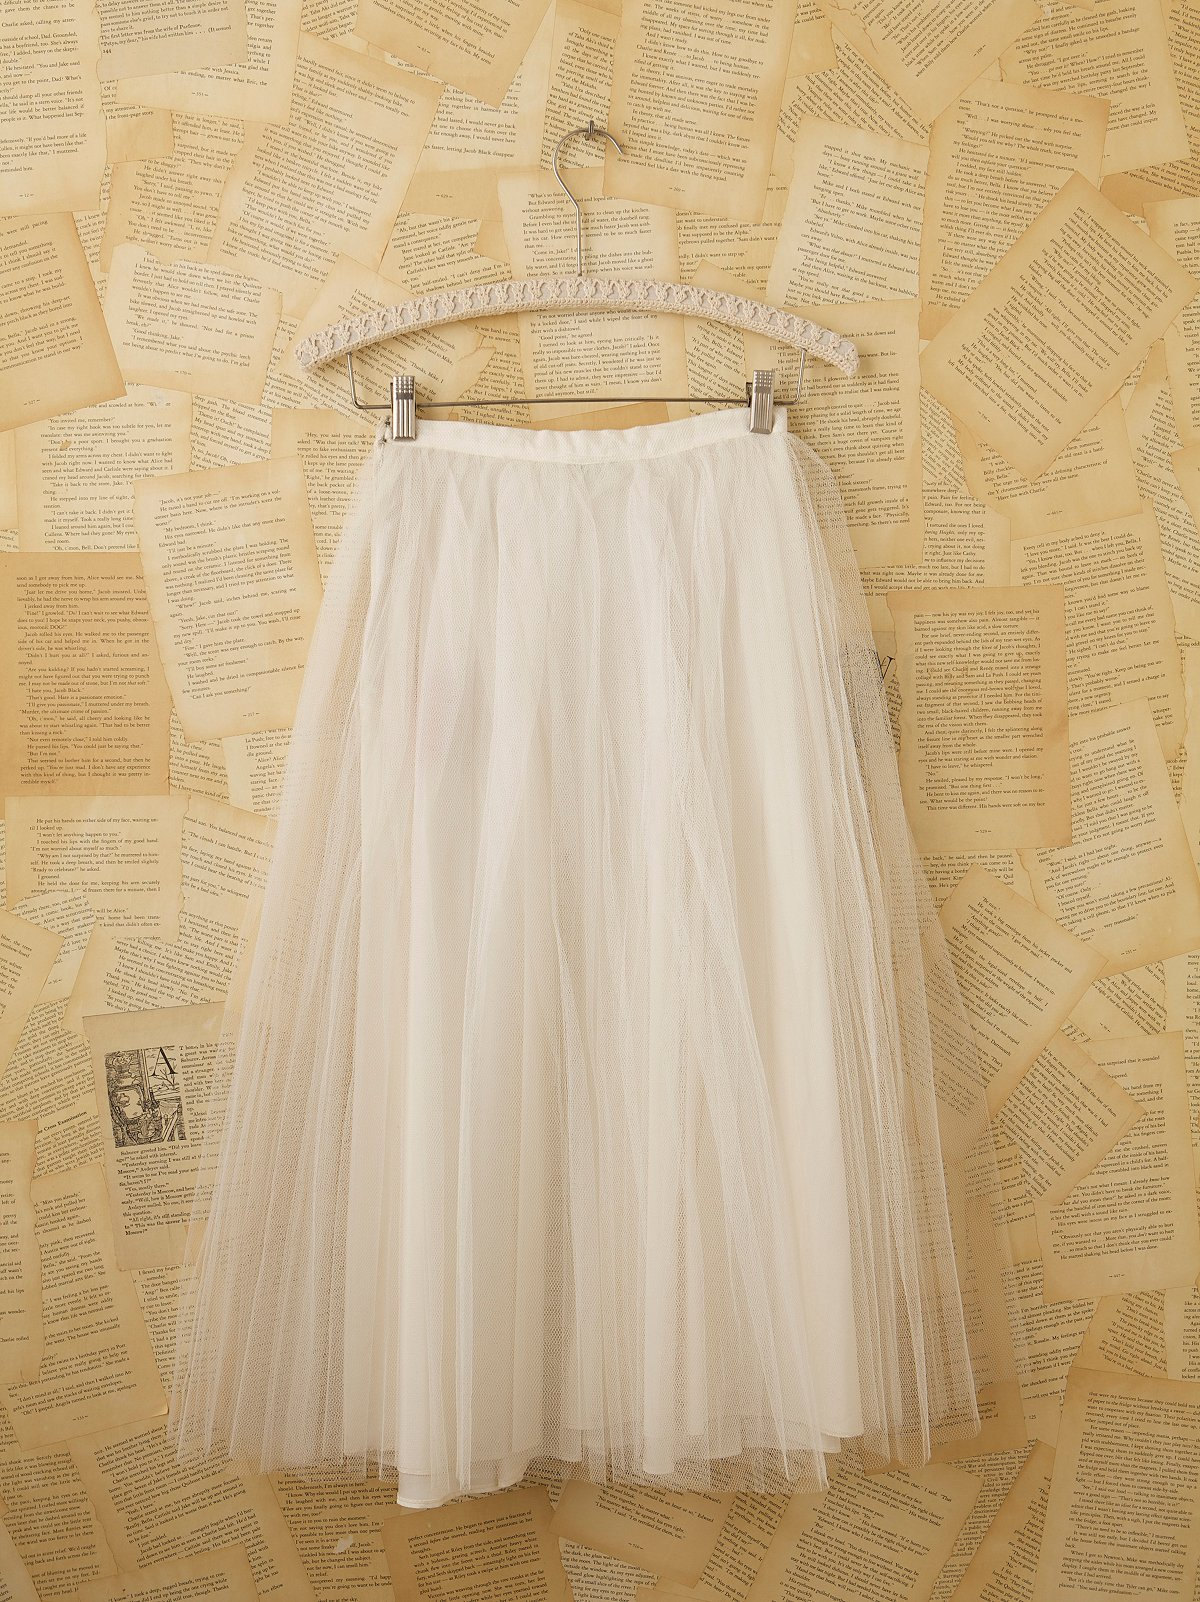 Vintage Net Skirt